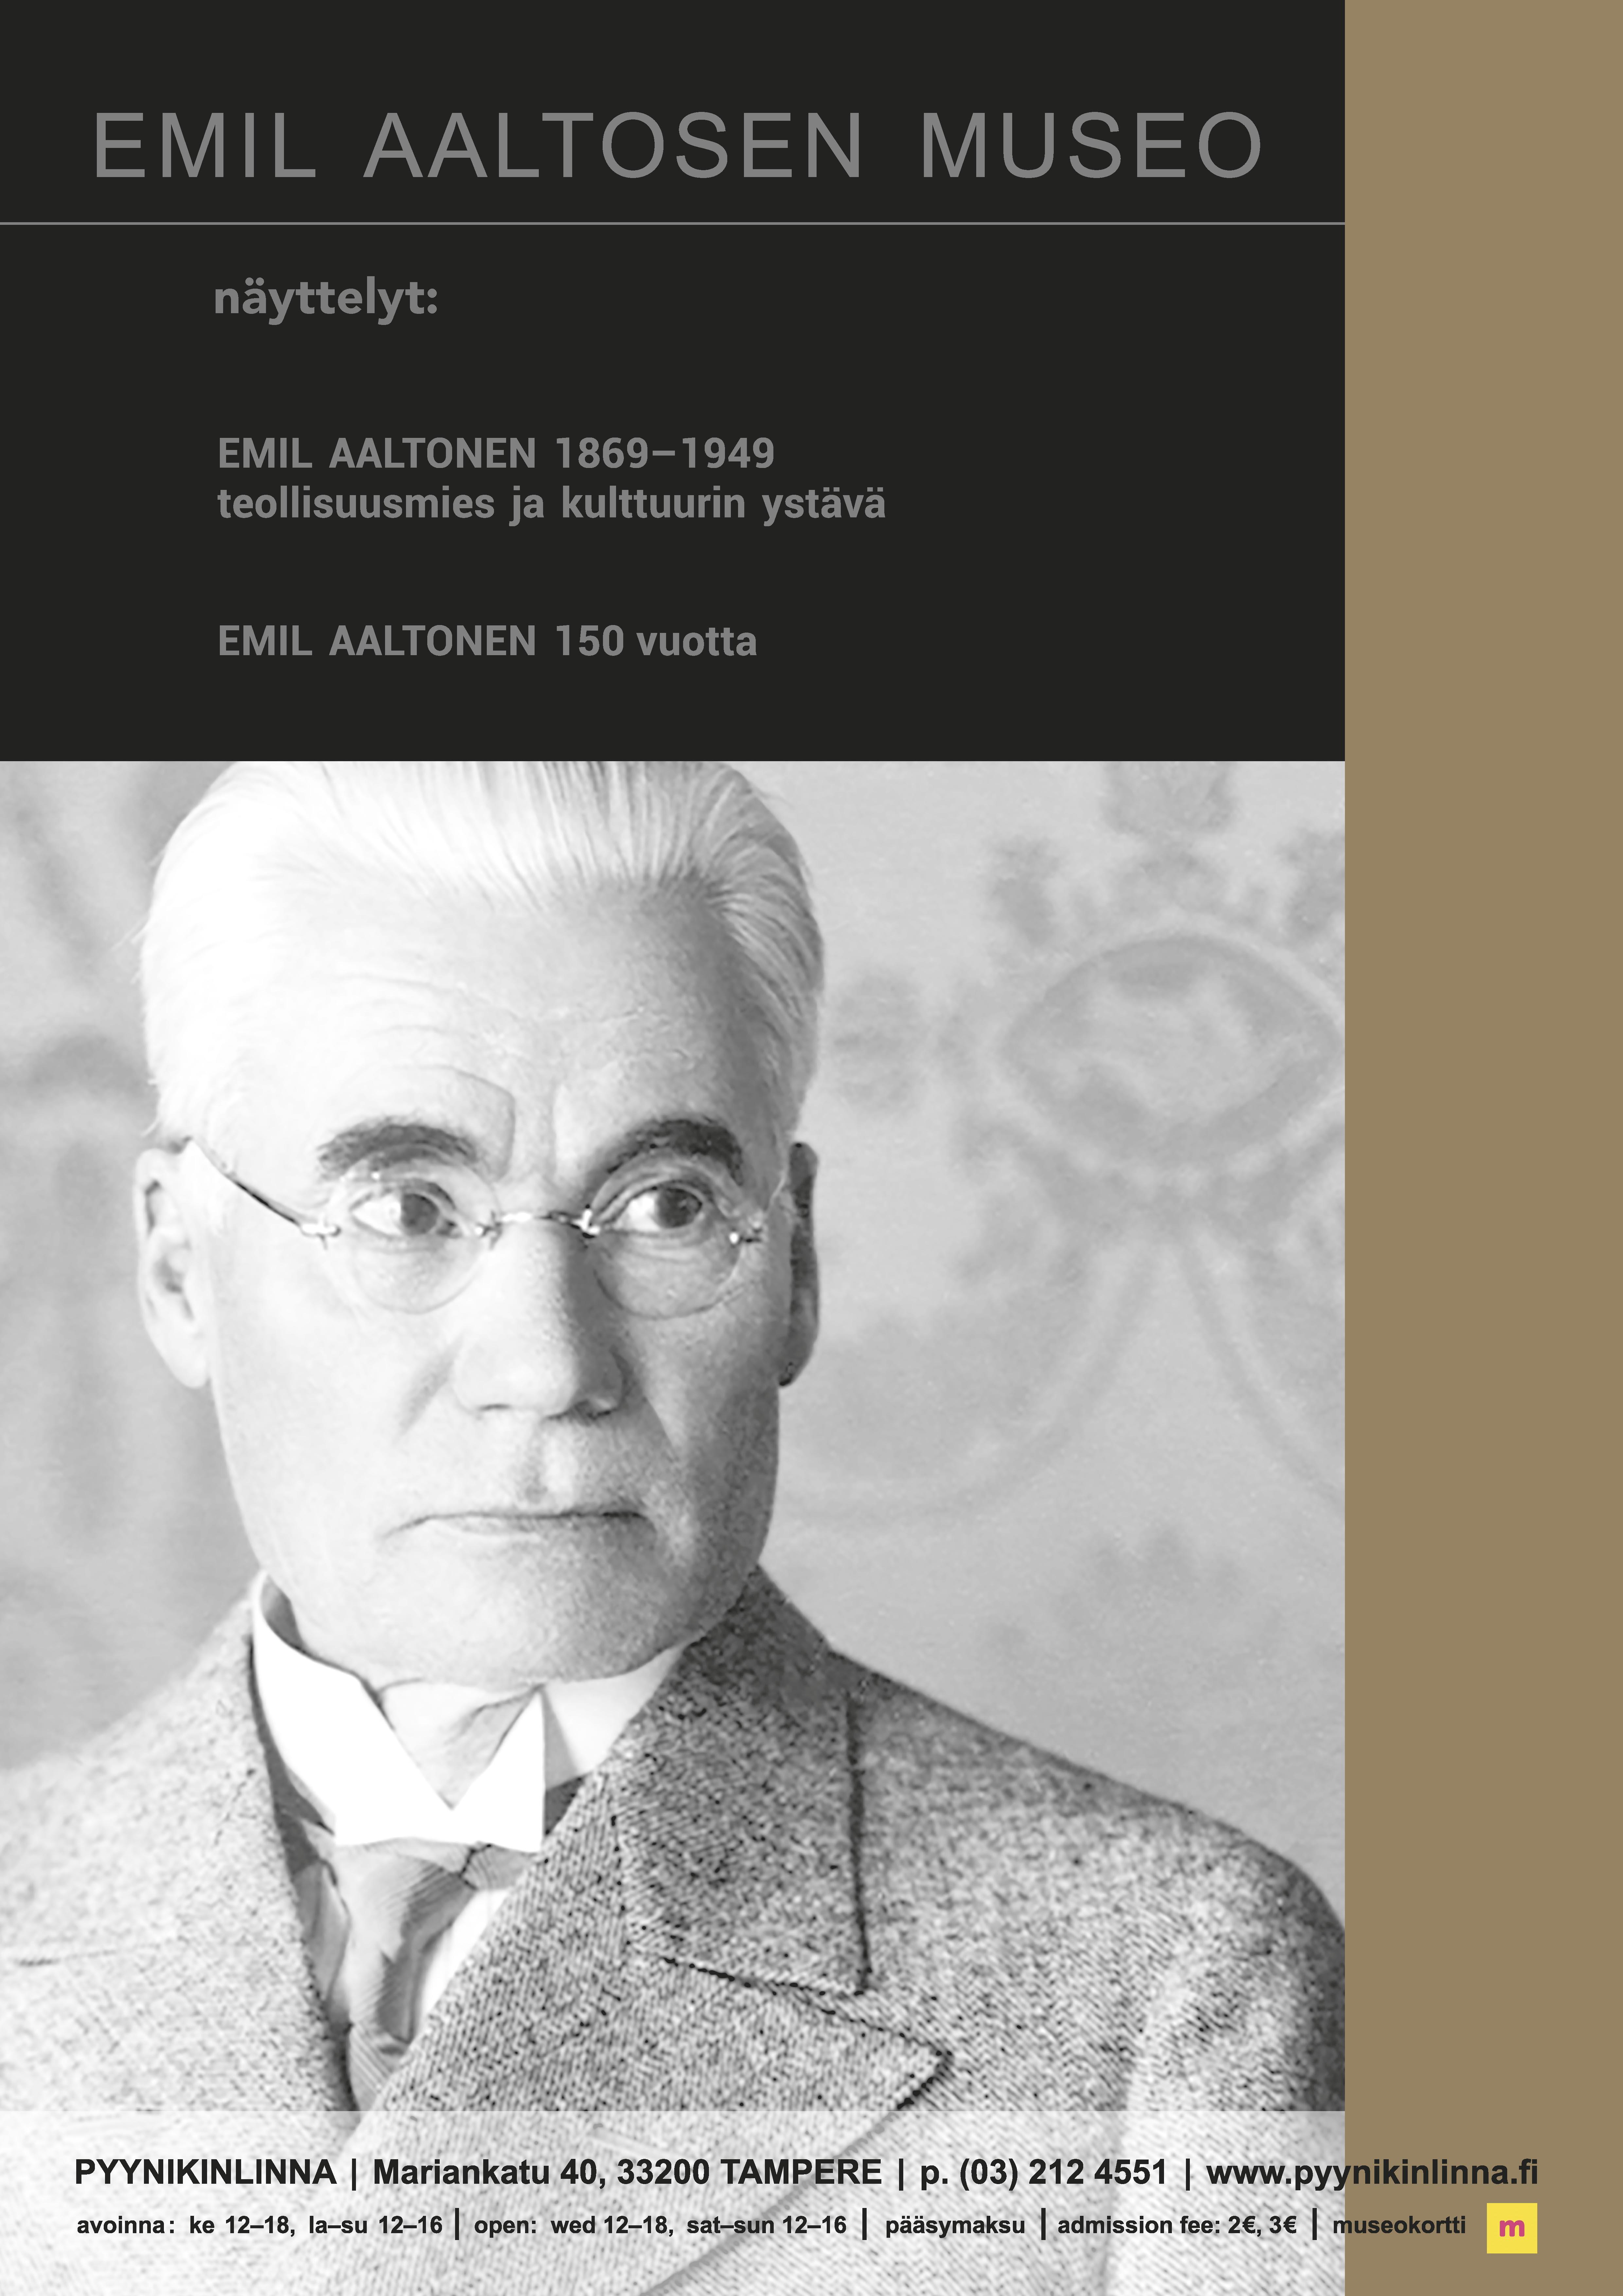 Emil Aaltonen 150 vuotta näyttelyjuliste